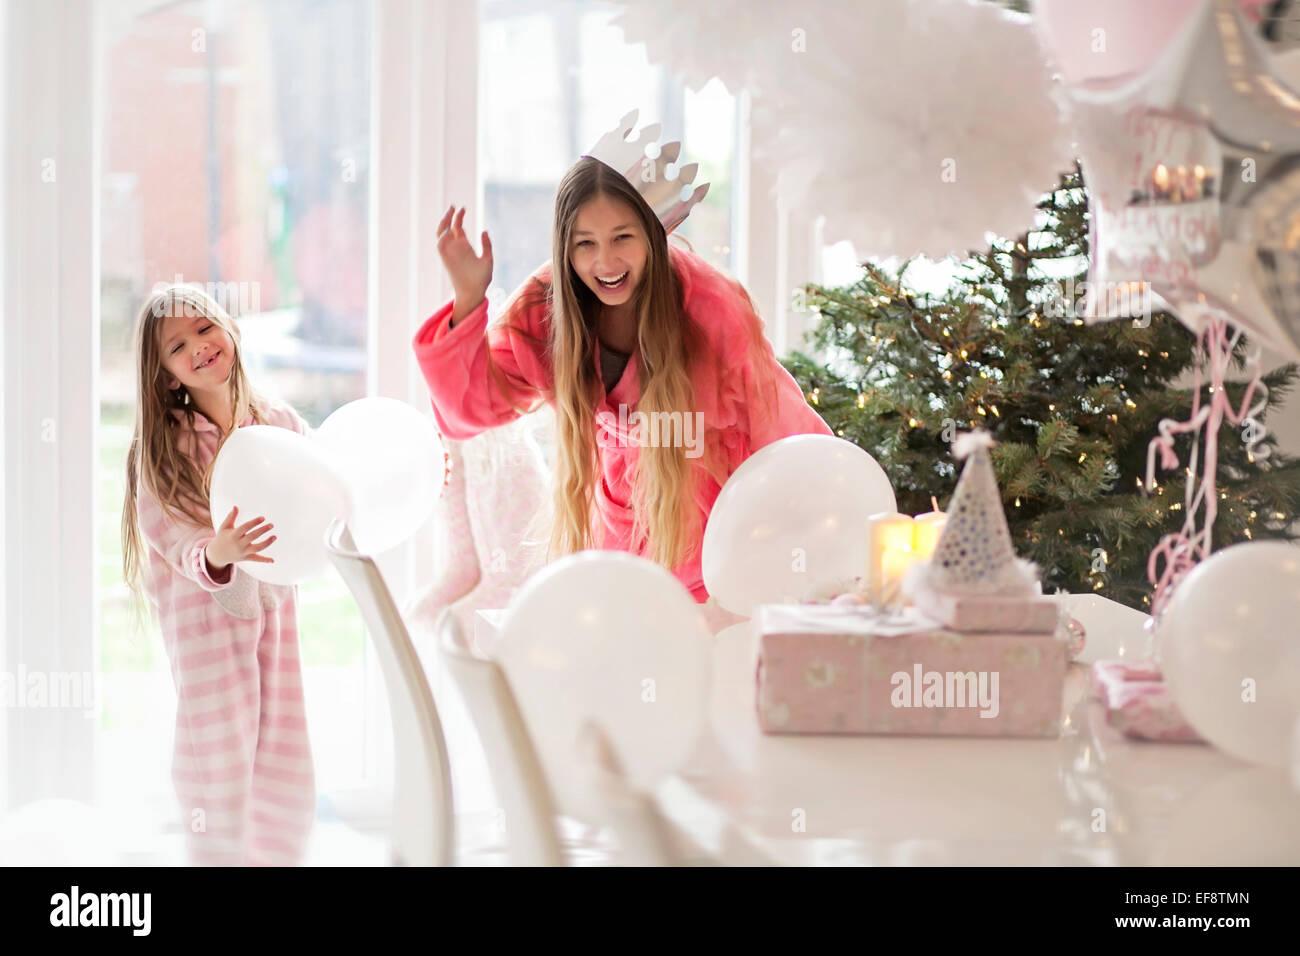 Deux jeunes filles (4-5,14-15) jouant avec des ballons by Christmas Tree Photo Stock